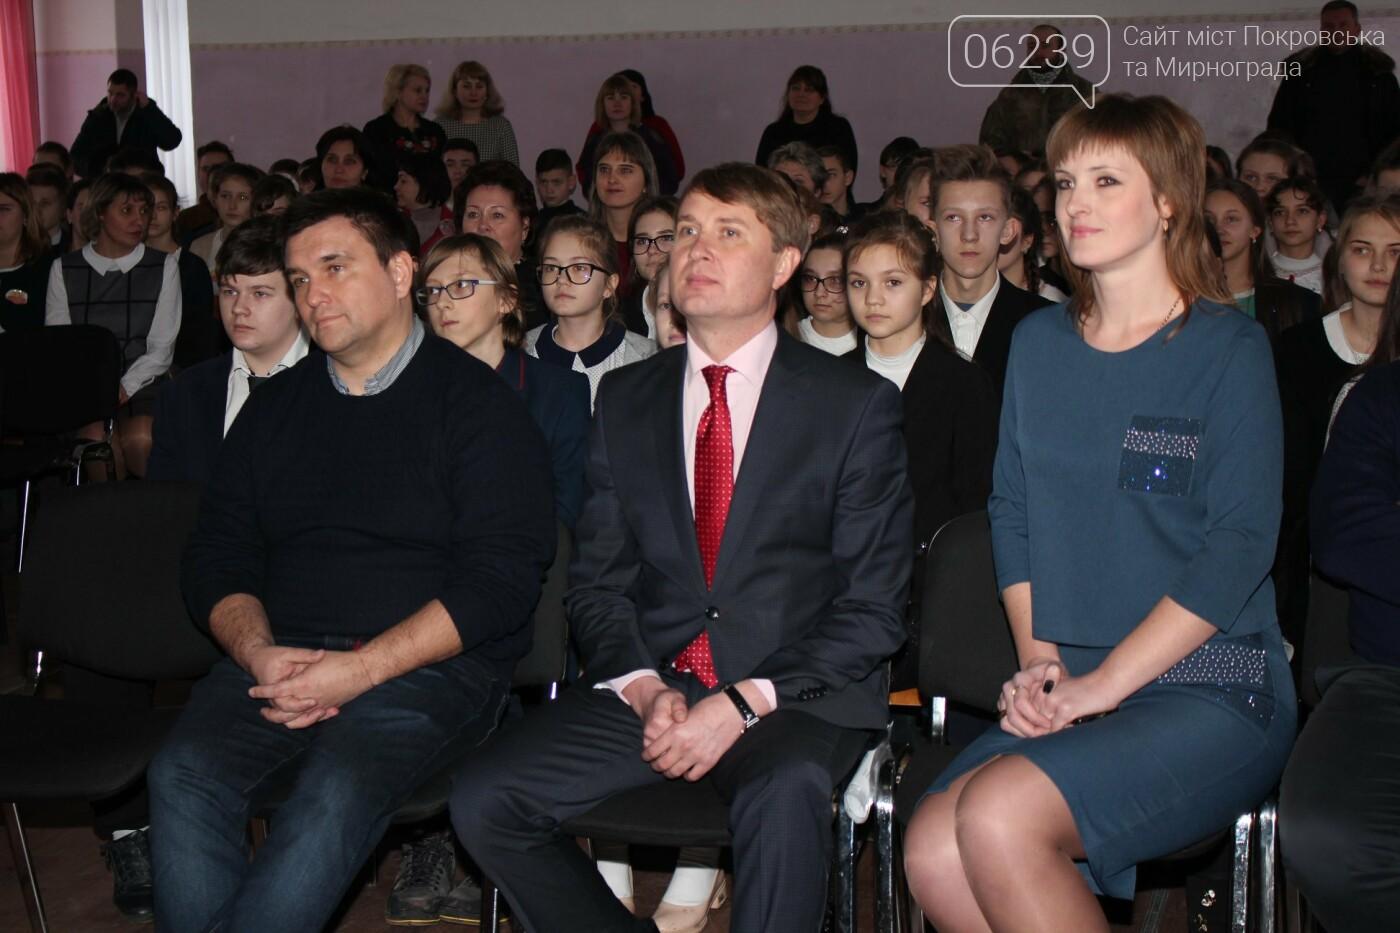 Министр иностранных дел Украины Павел Климкин посетил Мирноград , фото-6